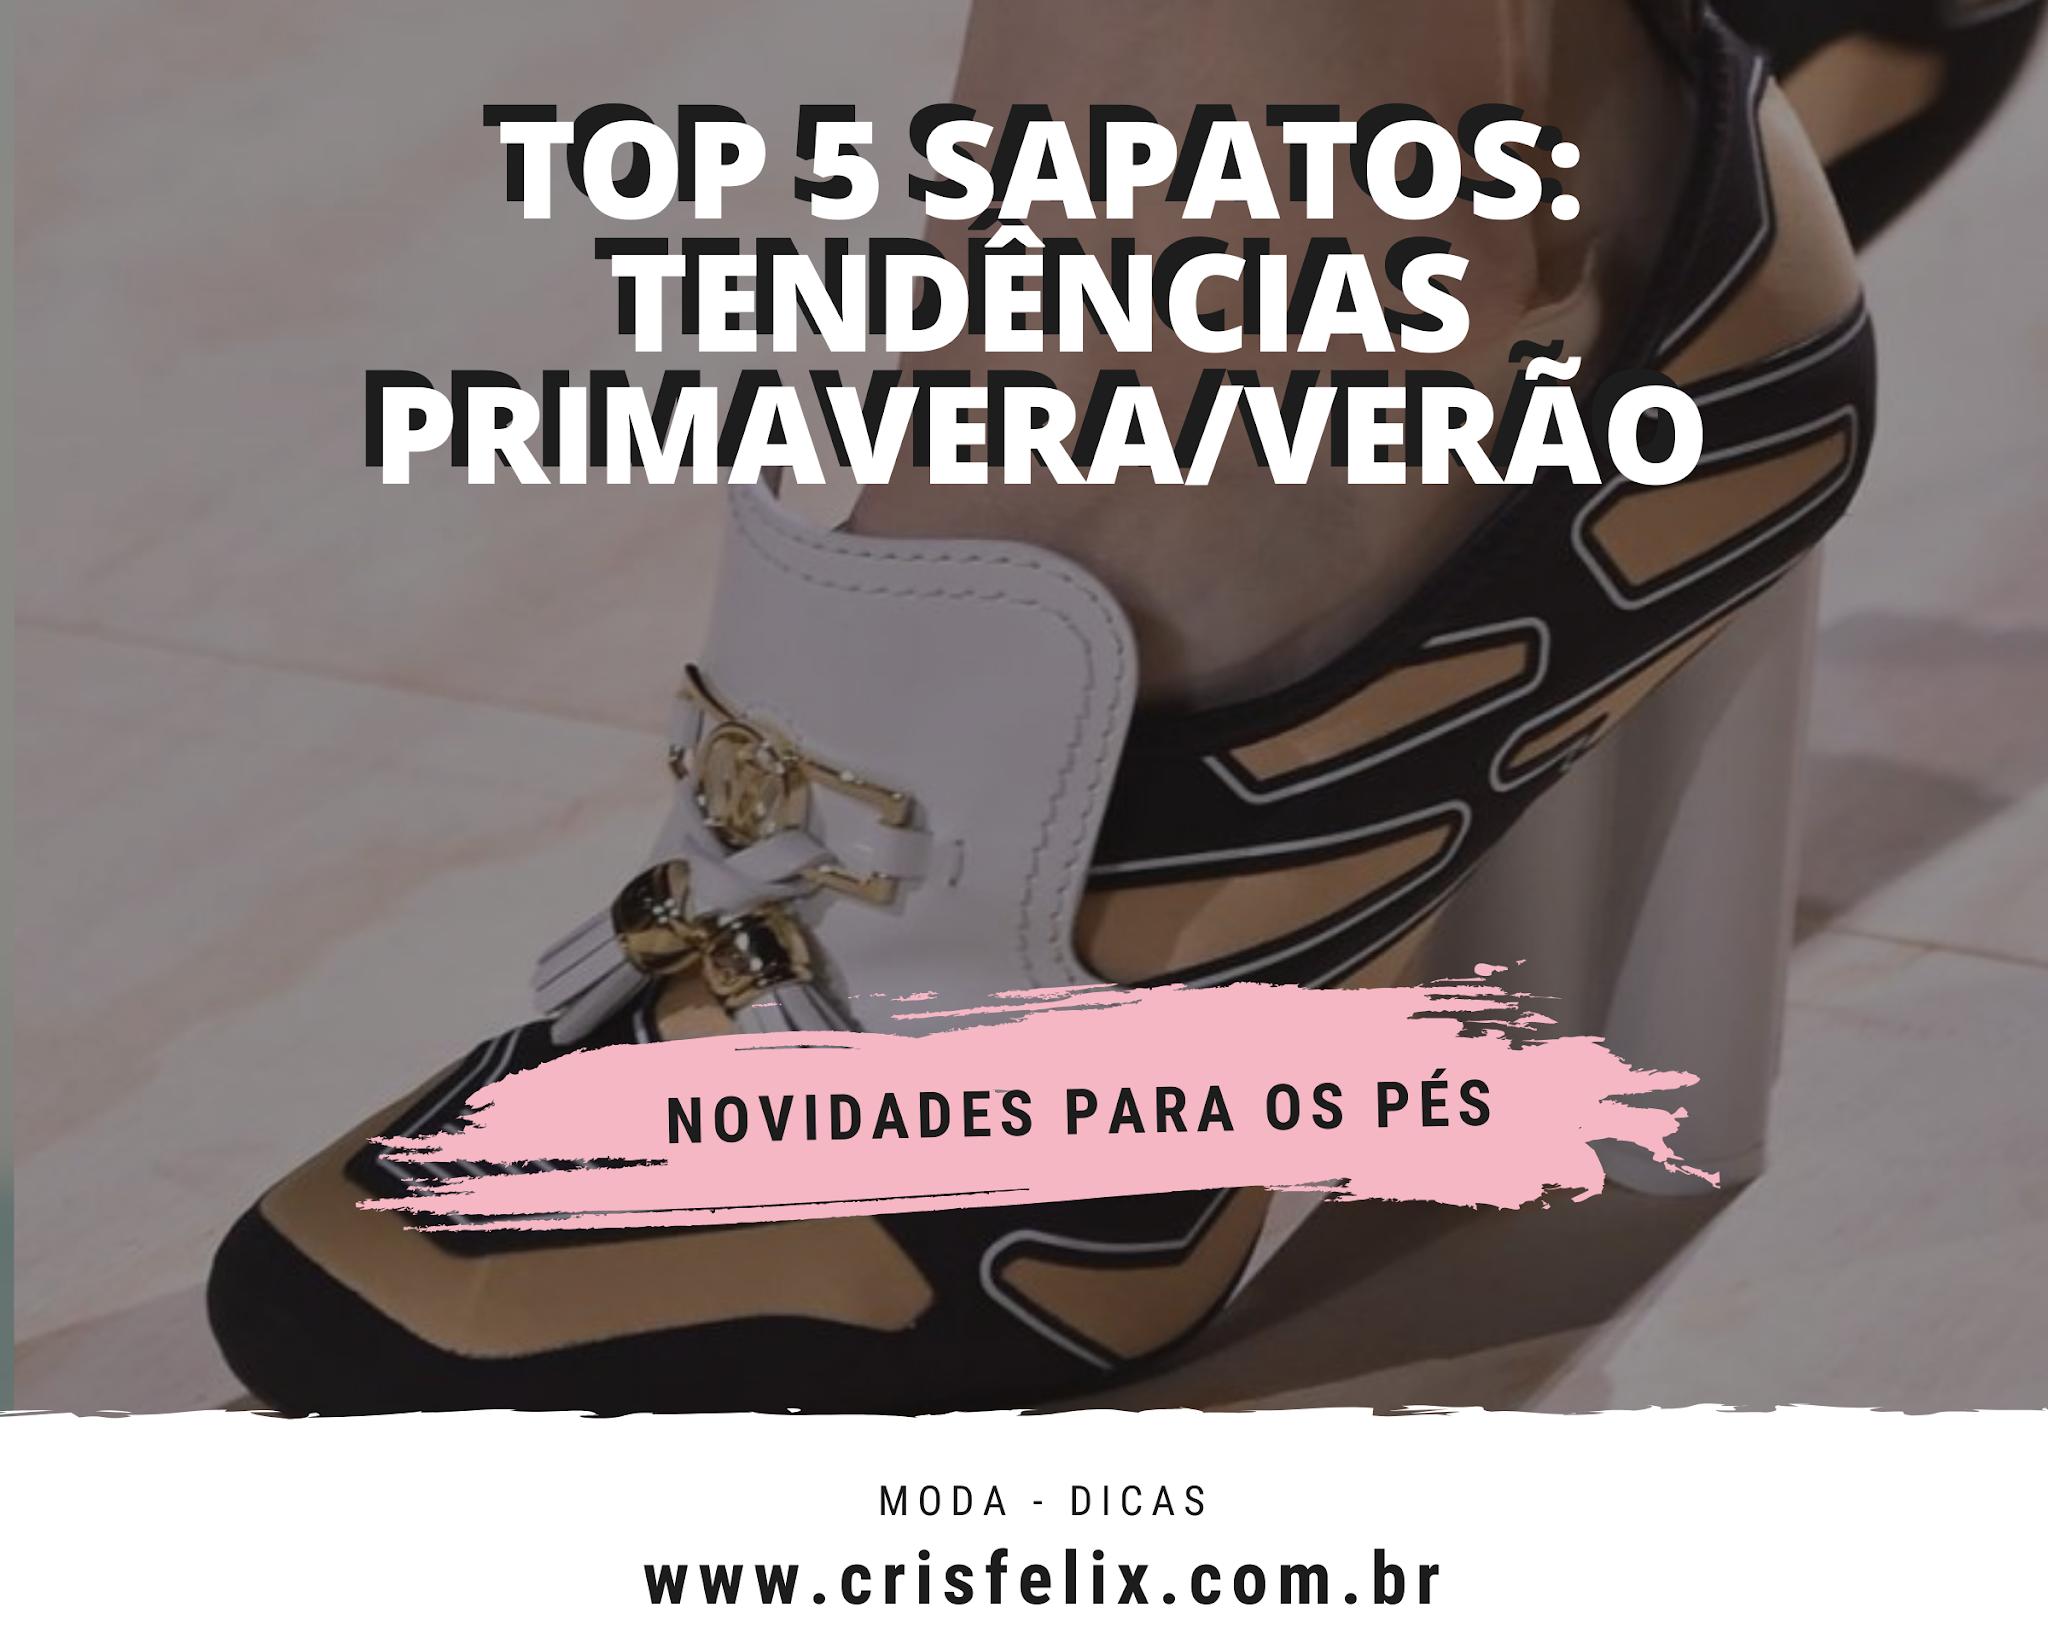 Top 5 sapatos: tendências primavera/verão